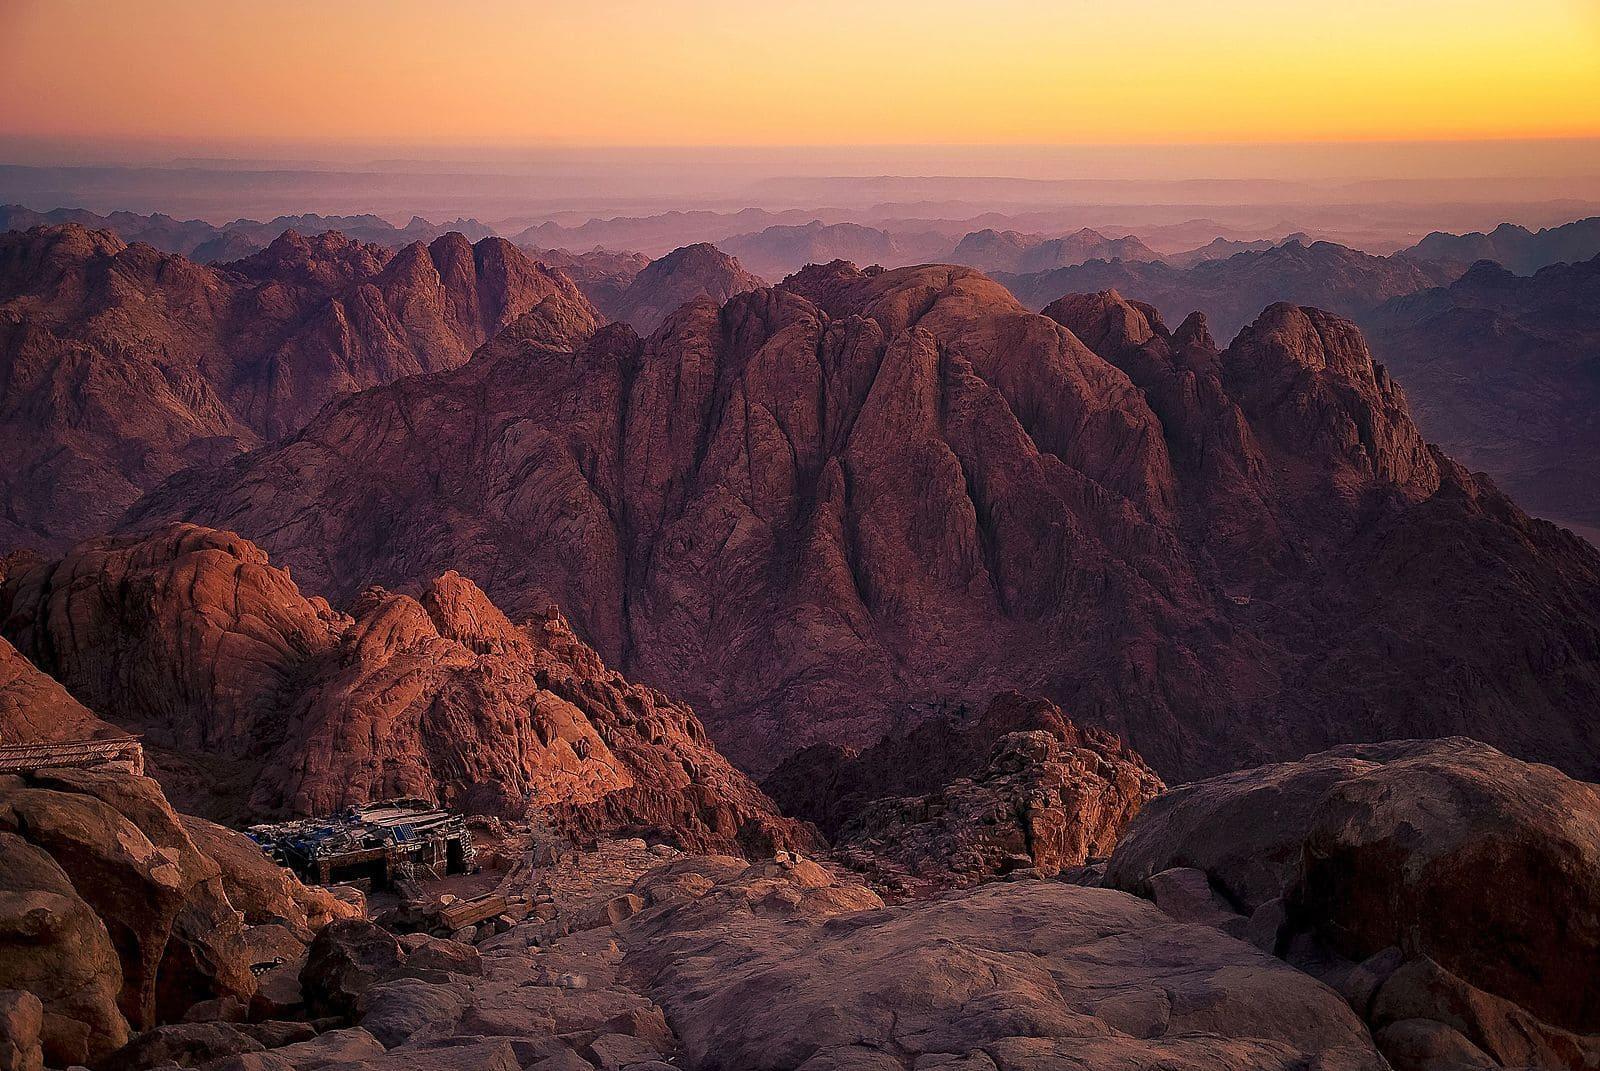 montagne lever de soleil roche rouge